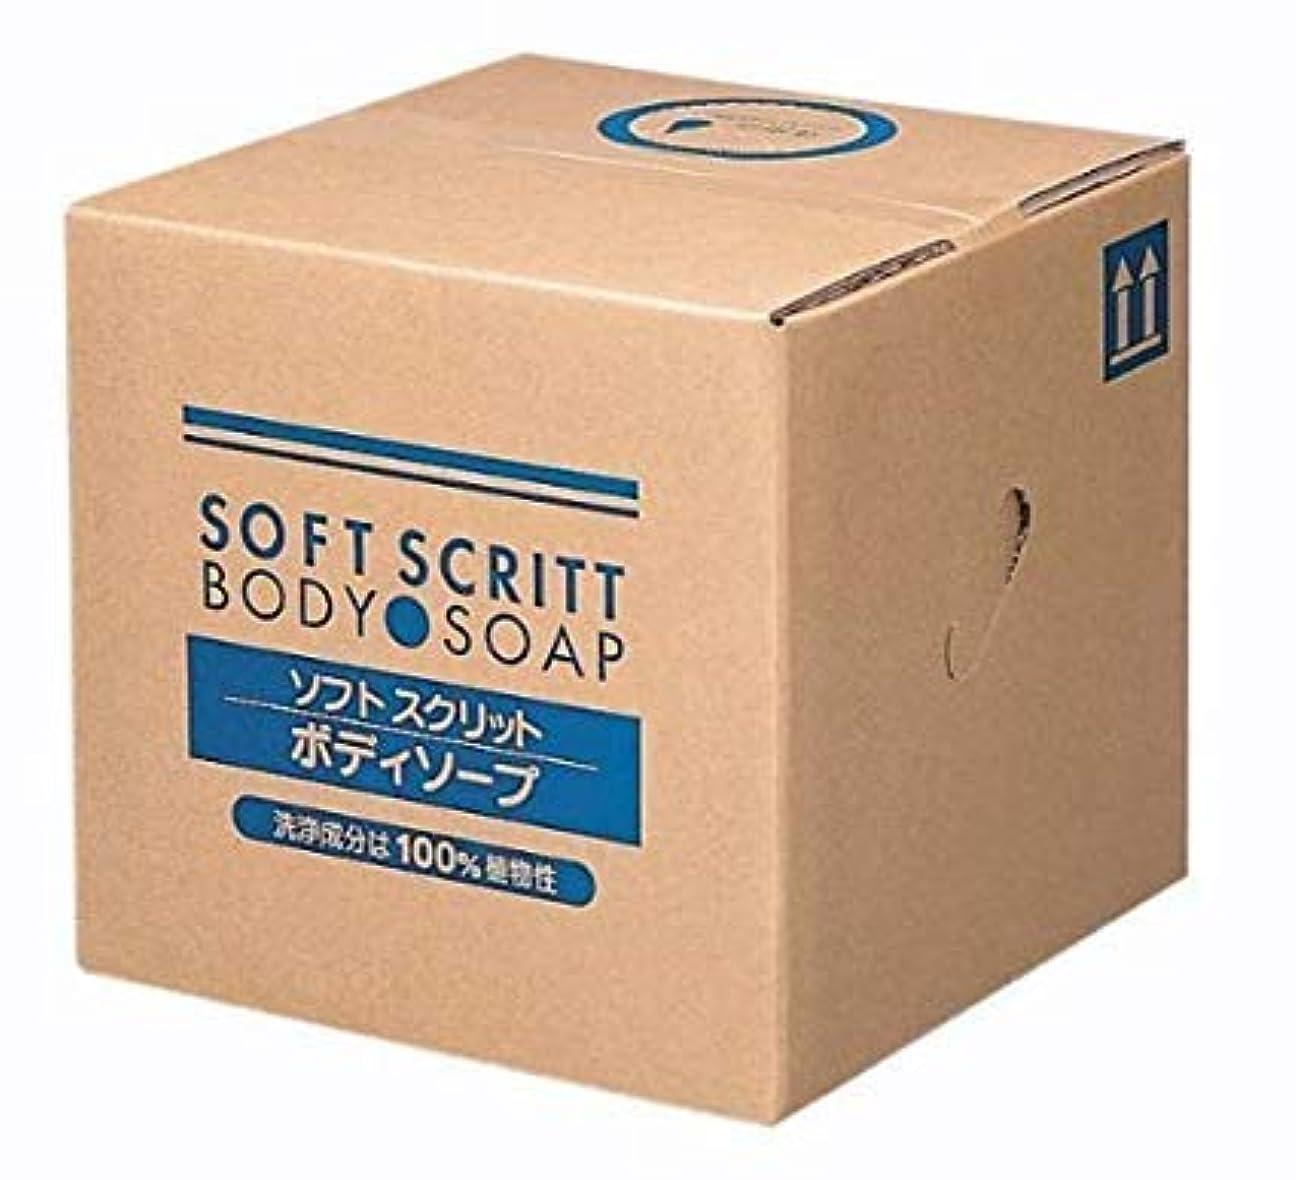 吸い込む引っ張る動脈SOFT SCRITT(ソフトスクリット) ボディソープ 詰替用 18L 4353 (熊野油脂) (清拭小物)